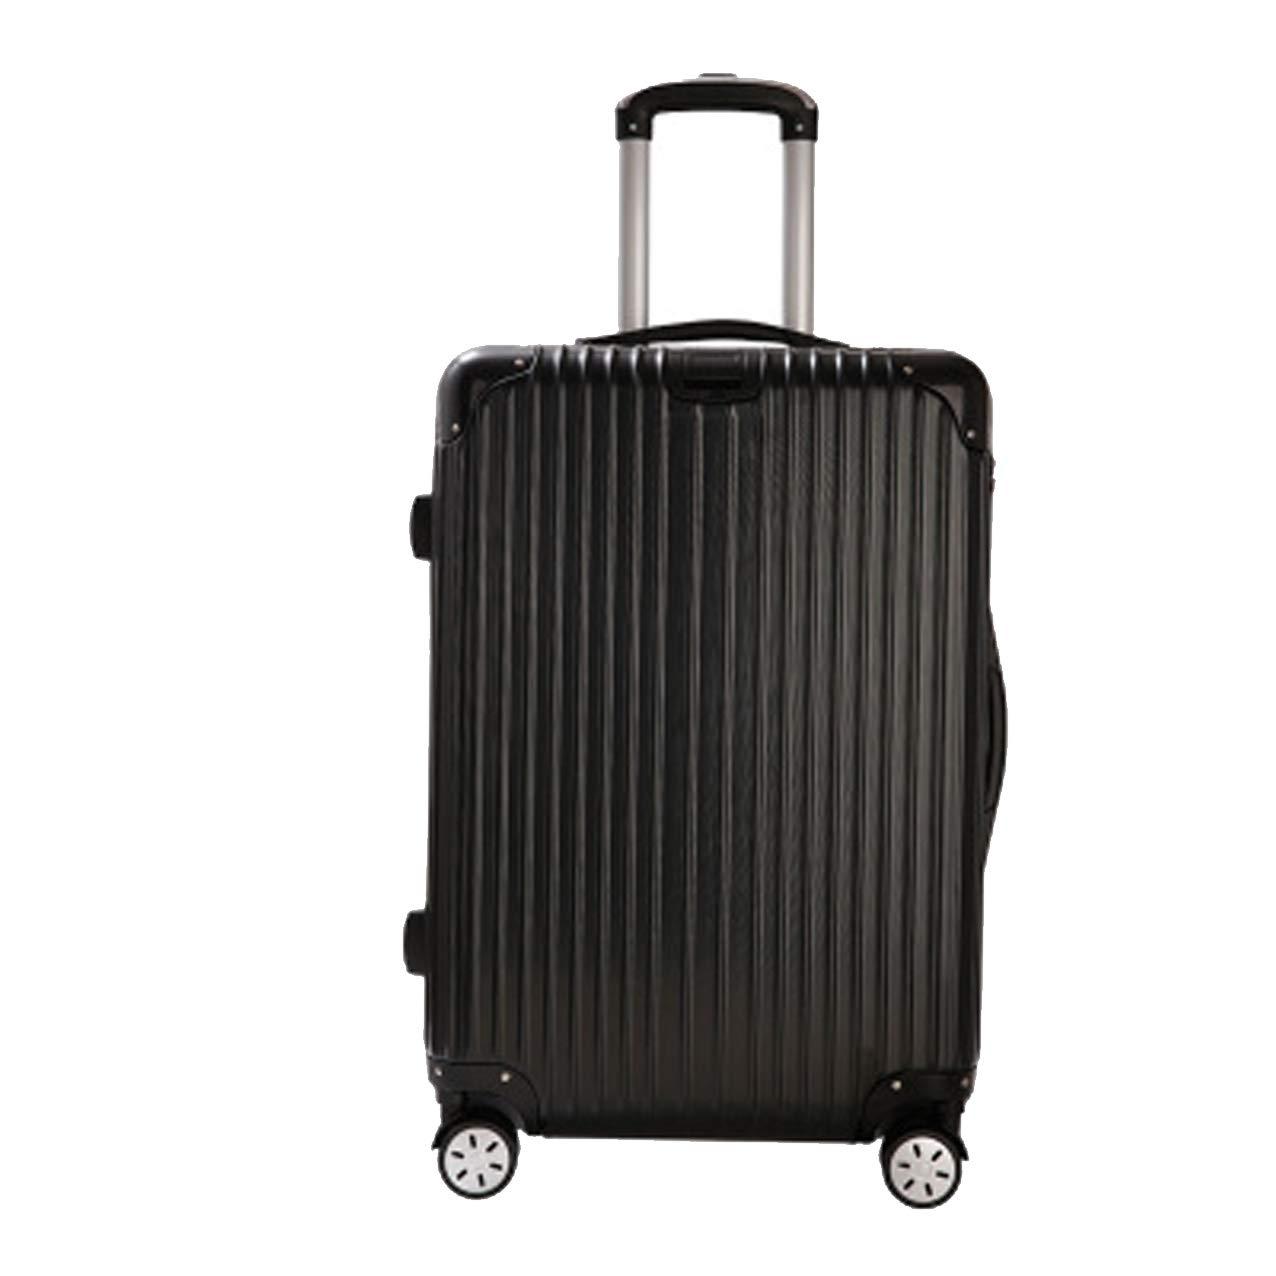 荷物、荷物、母子ボックス、トロリーケース、万能ホイールスーツケース、 Small black B07QTPW3F4